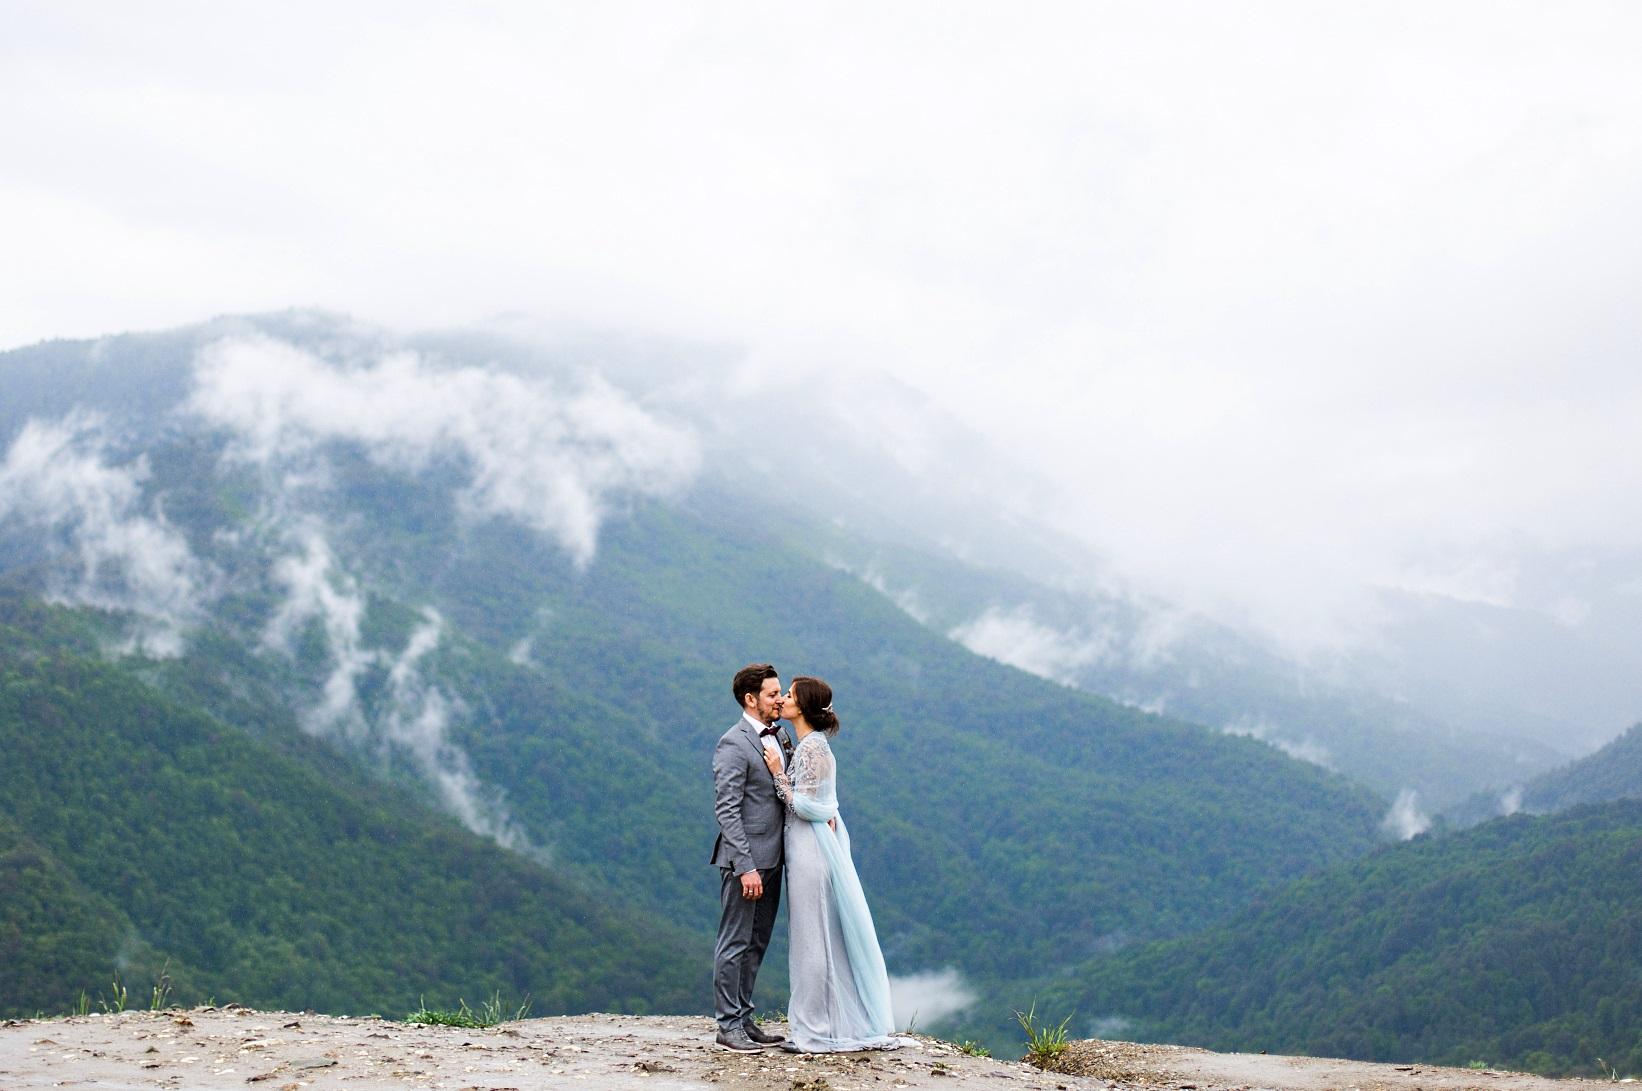 фото церемонии свадьбы в горах прощупывании отмечали